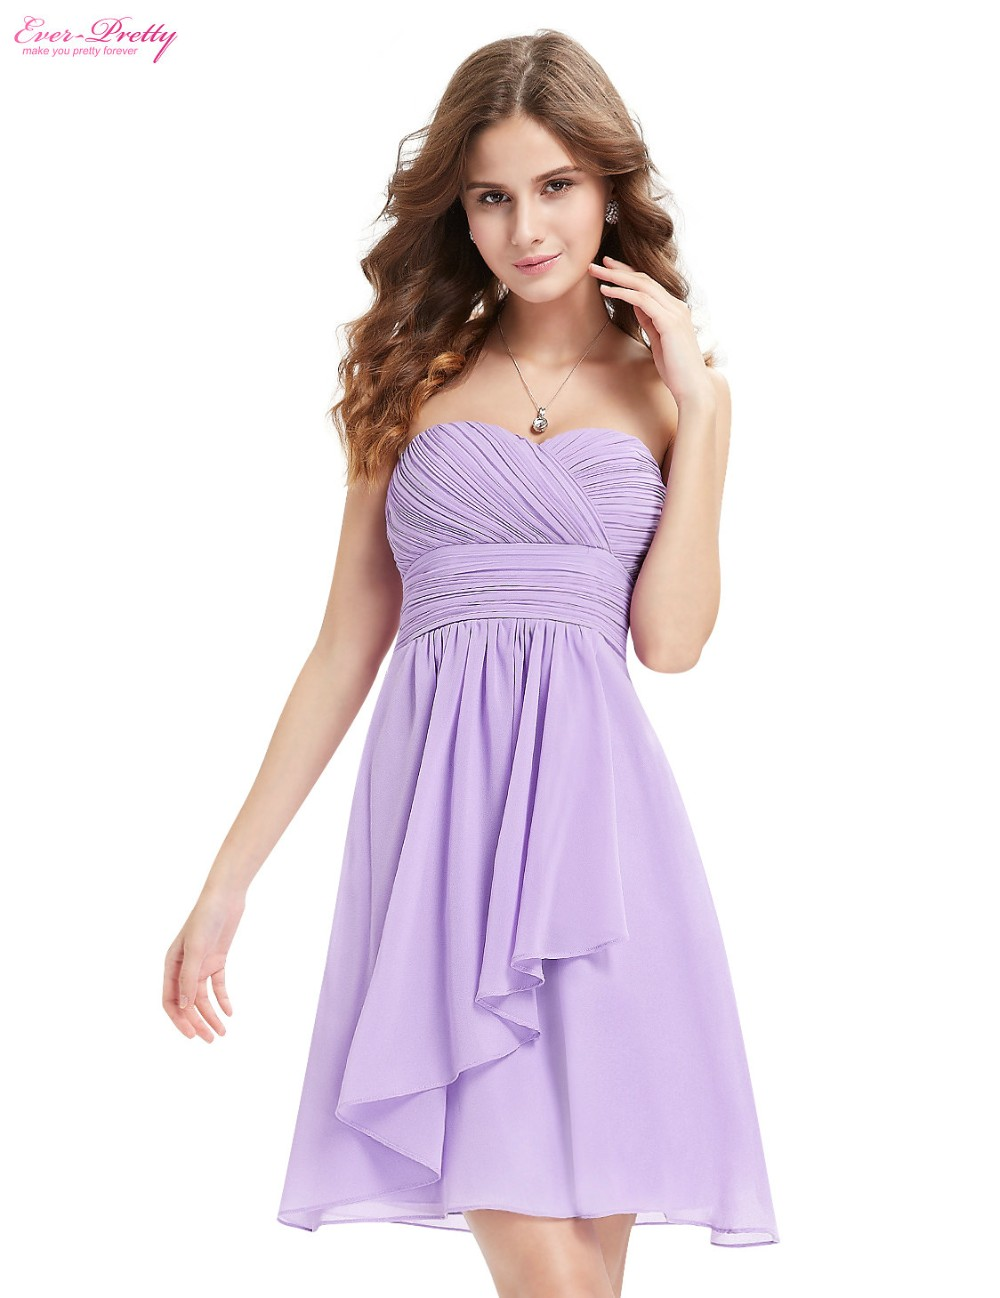 bridemaid платья multi цвета милая декольте без бретелек короткое свадебное 2016 большой размер he03540